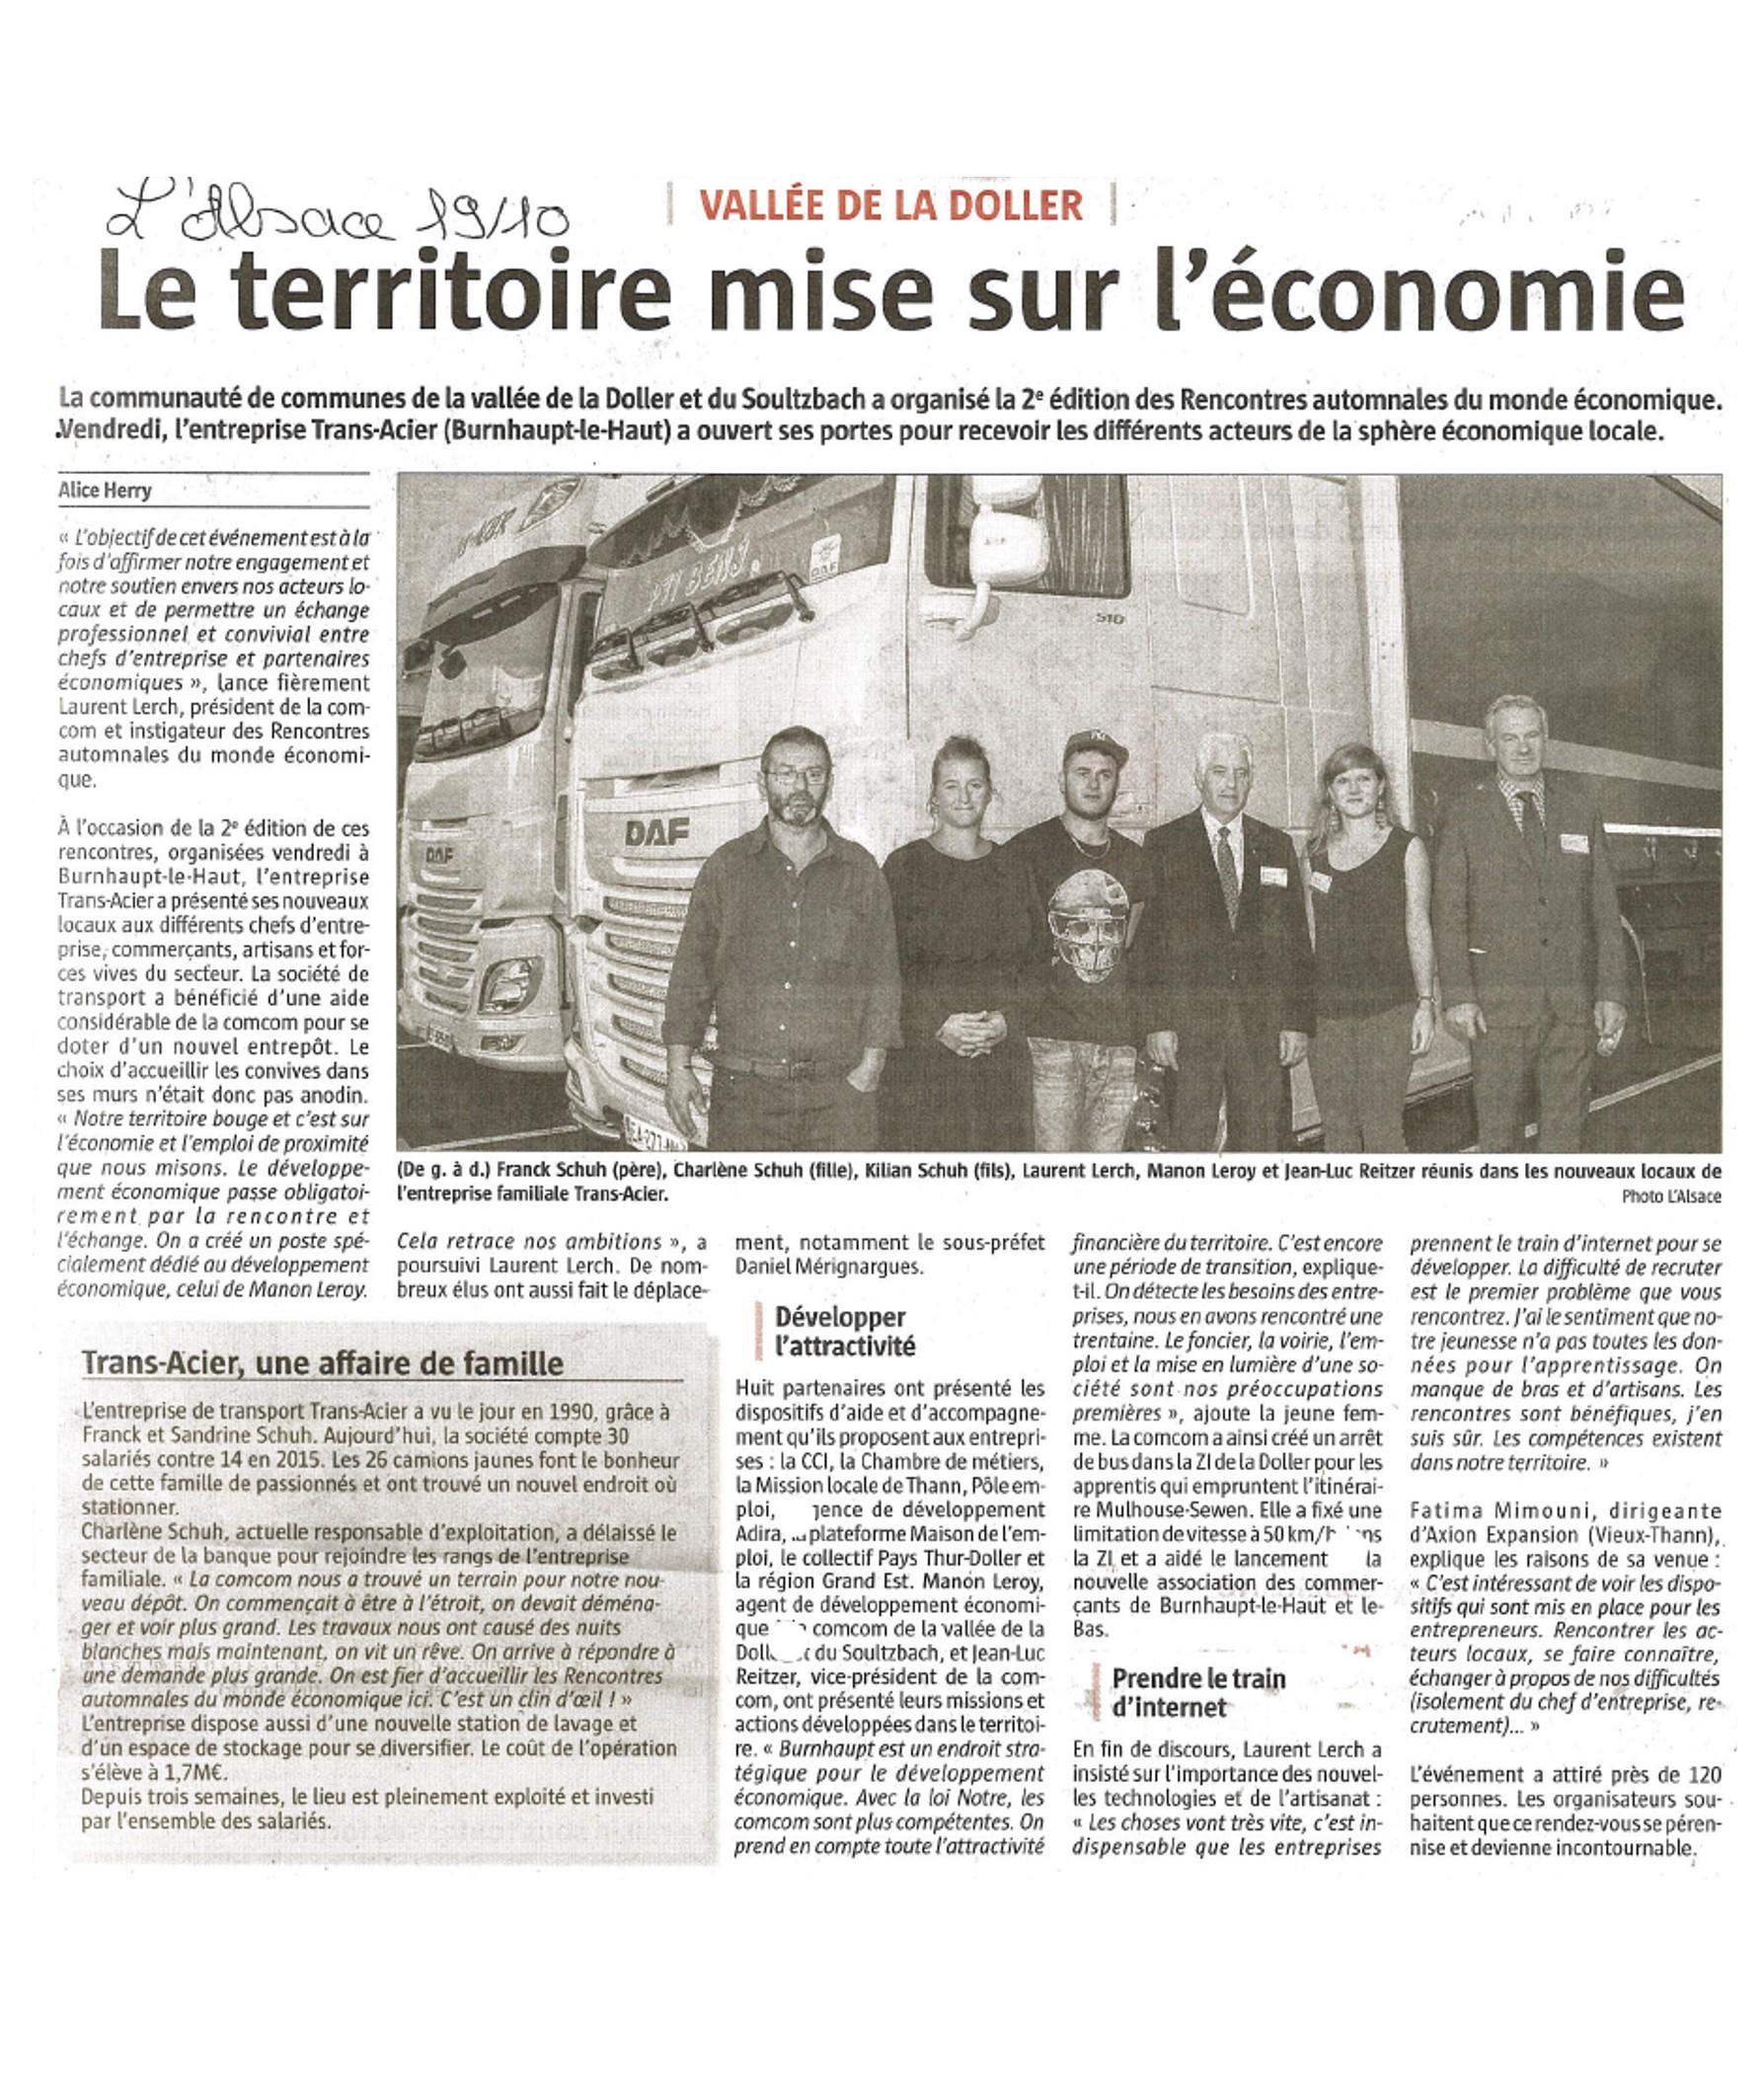 Le territoire mise sur l'économie - L'Alsace - 19-10-2017